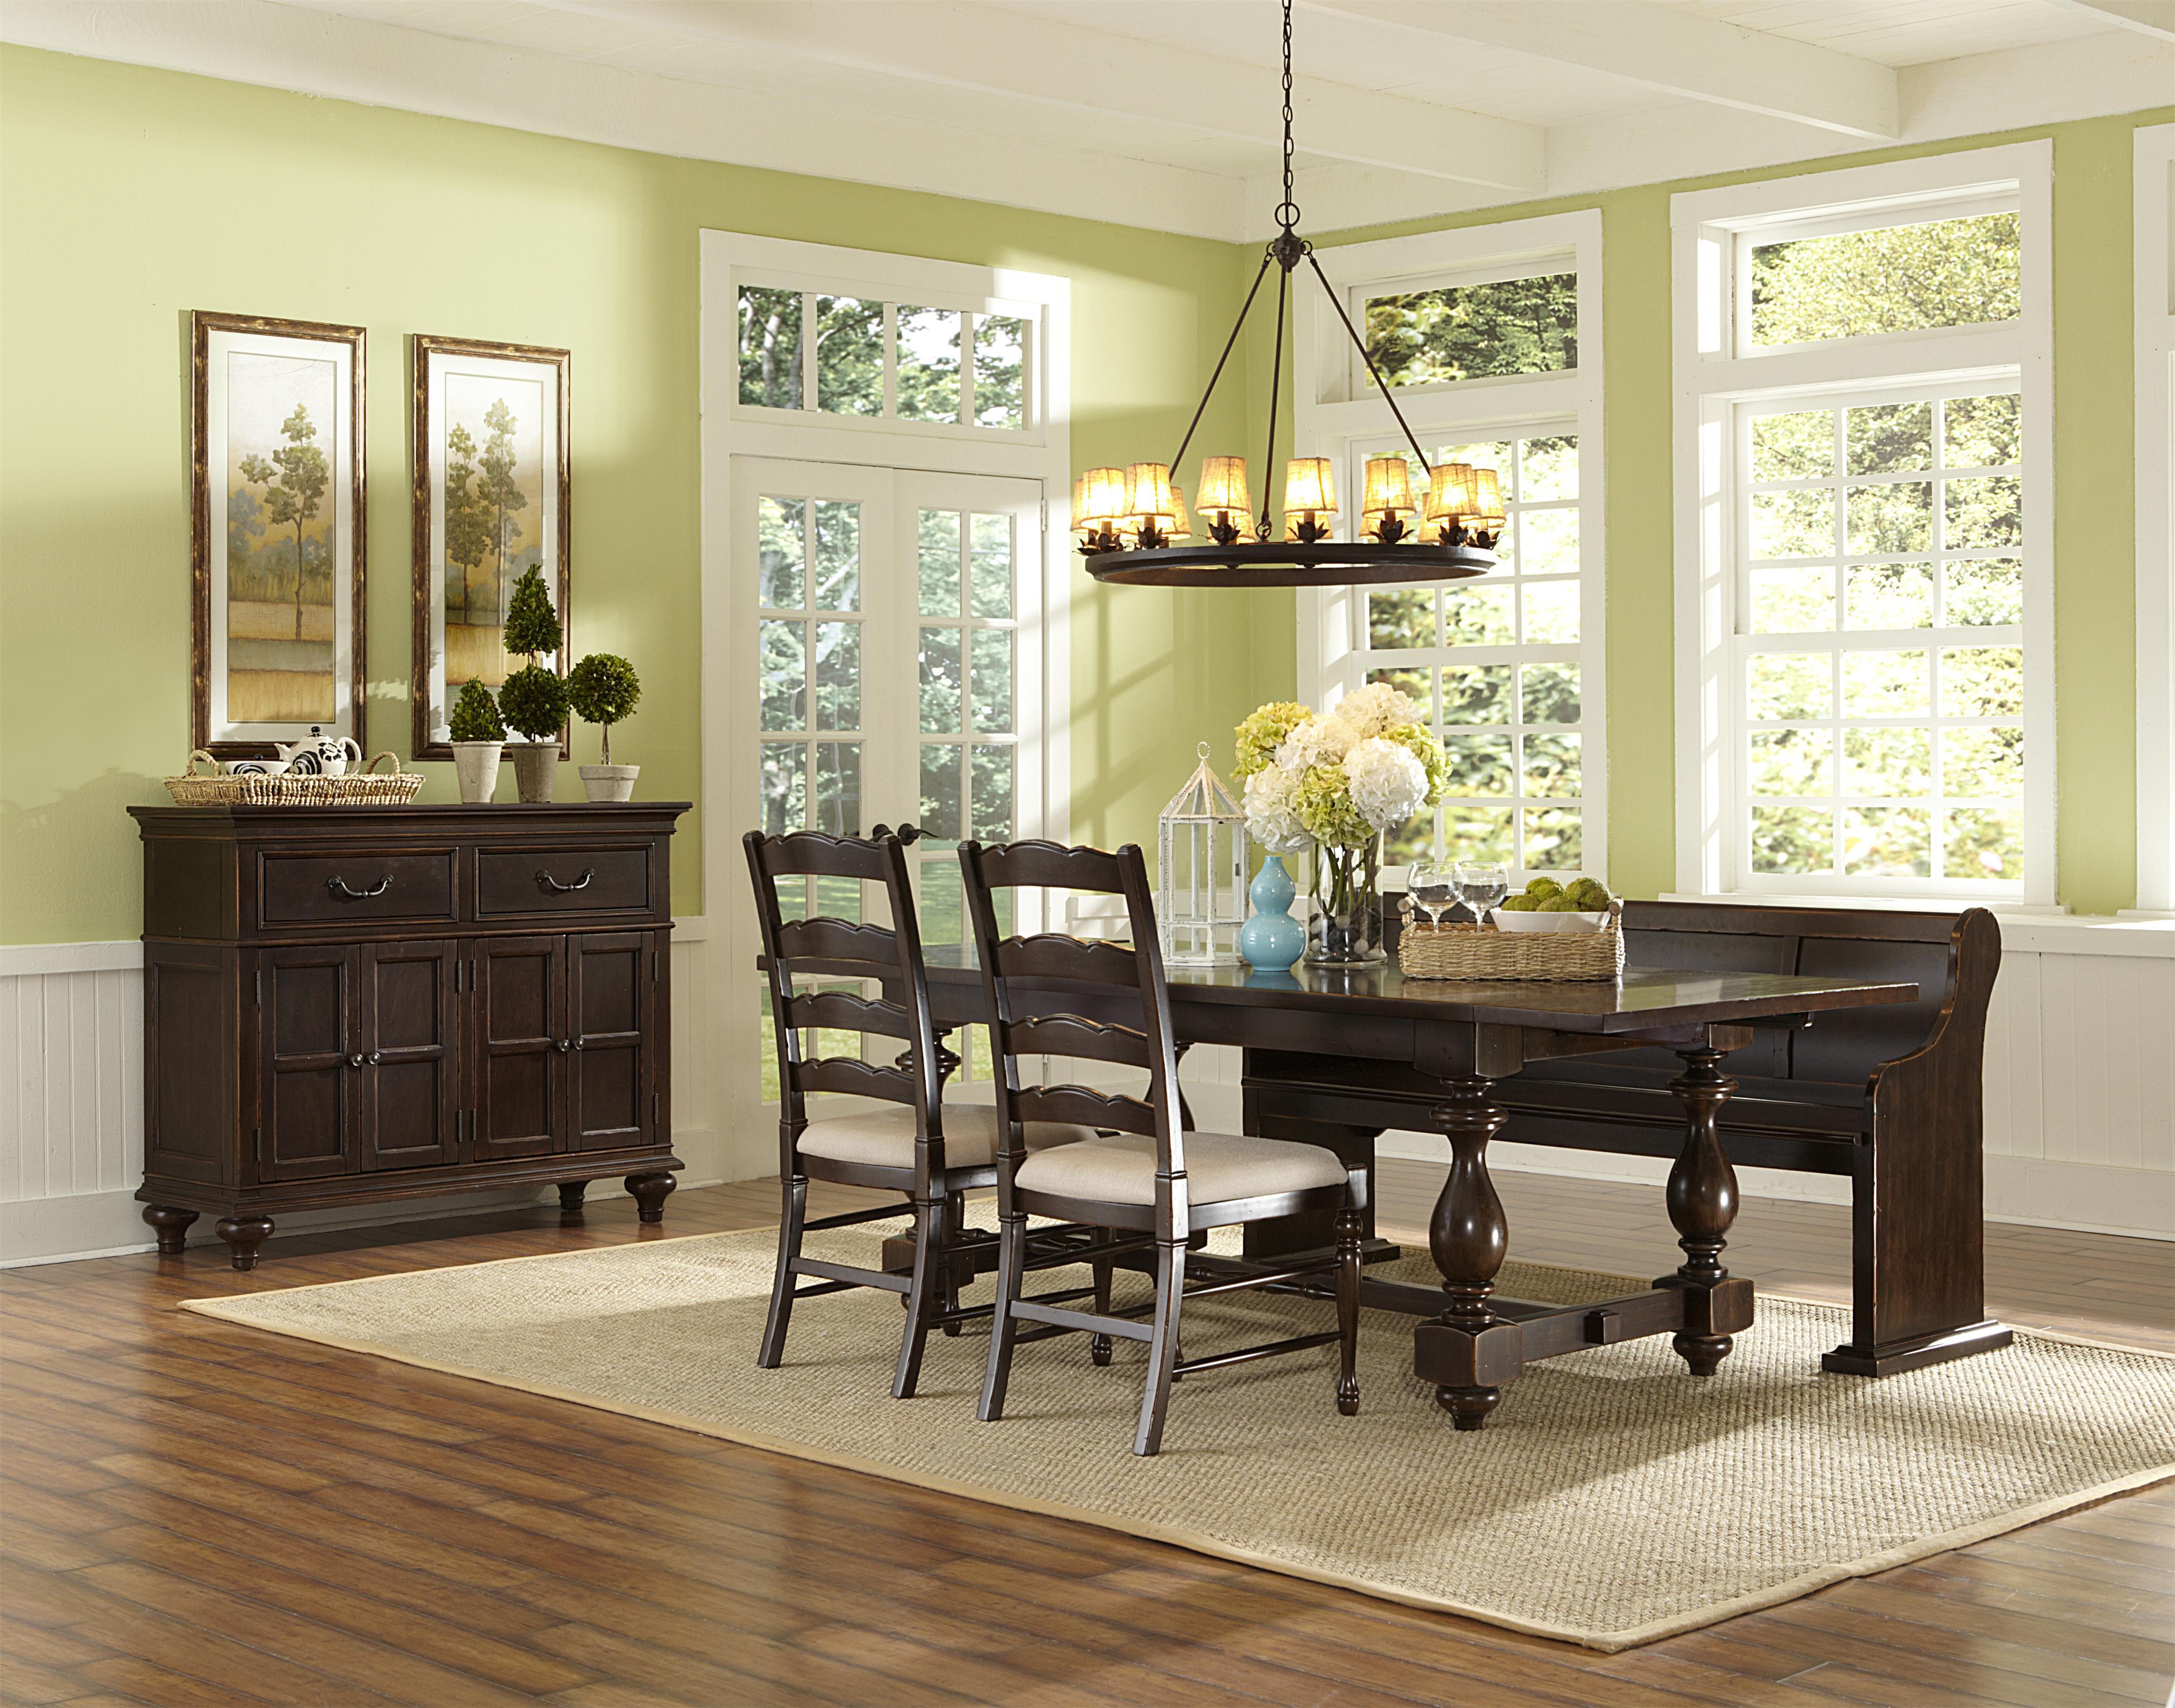 Magnussen Home Loren Large Round Dining Table   BigFurnitureWebsite   Dining  Room Table